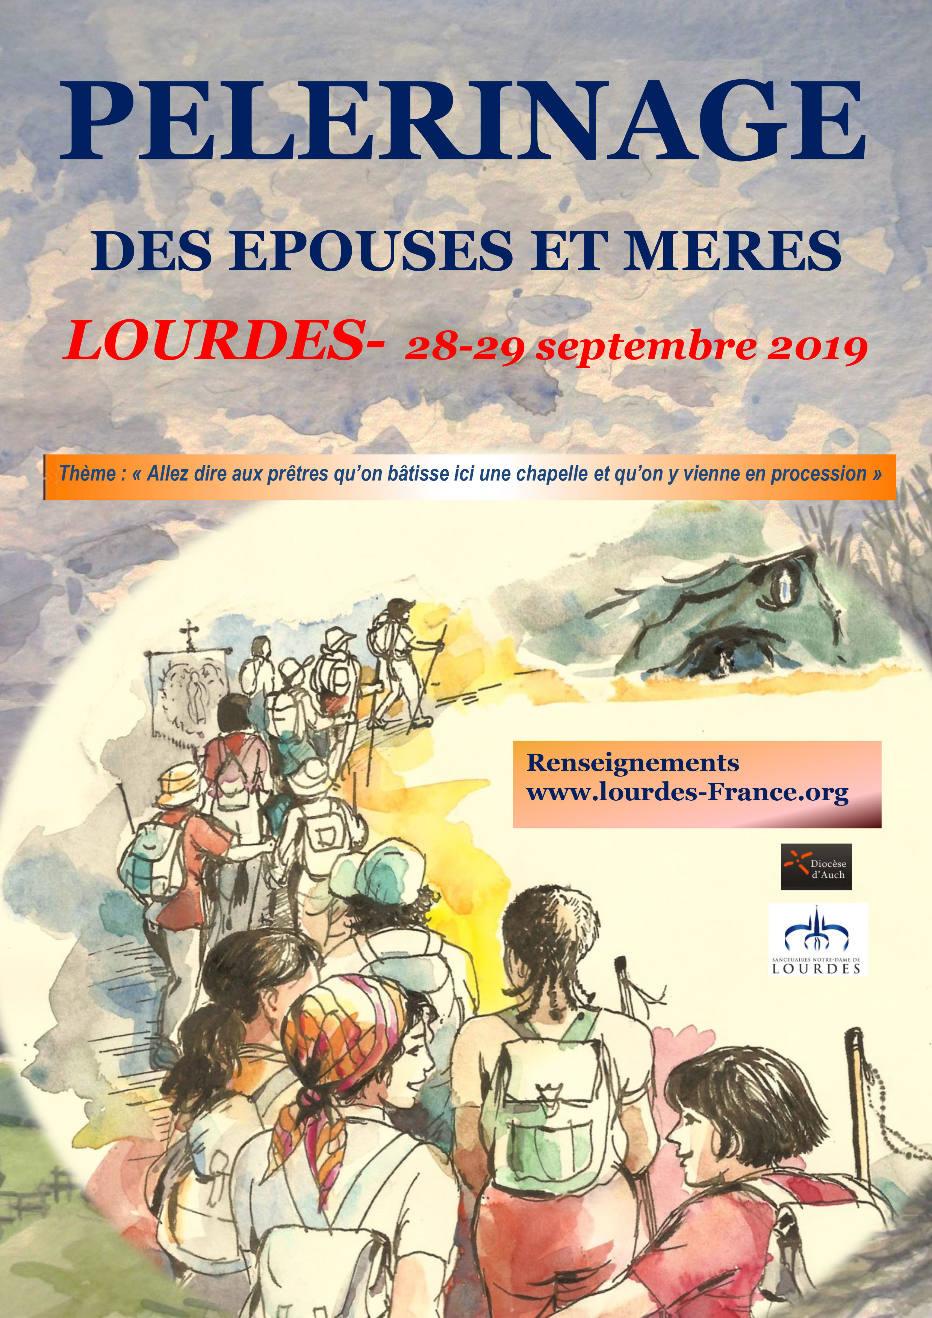 Pèlerinage des épouses et mères, 28 / 29 septembre 2019